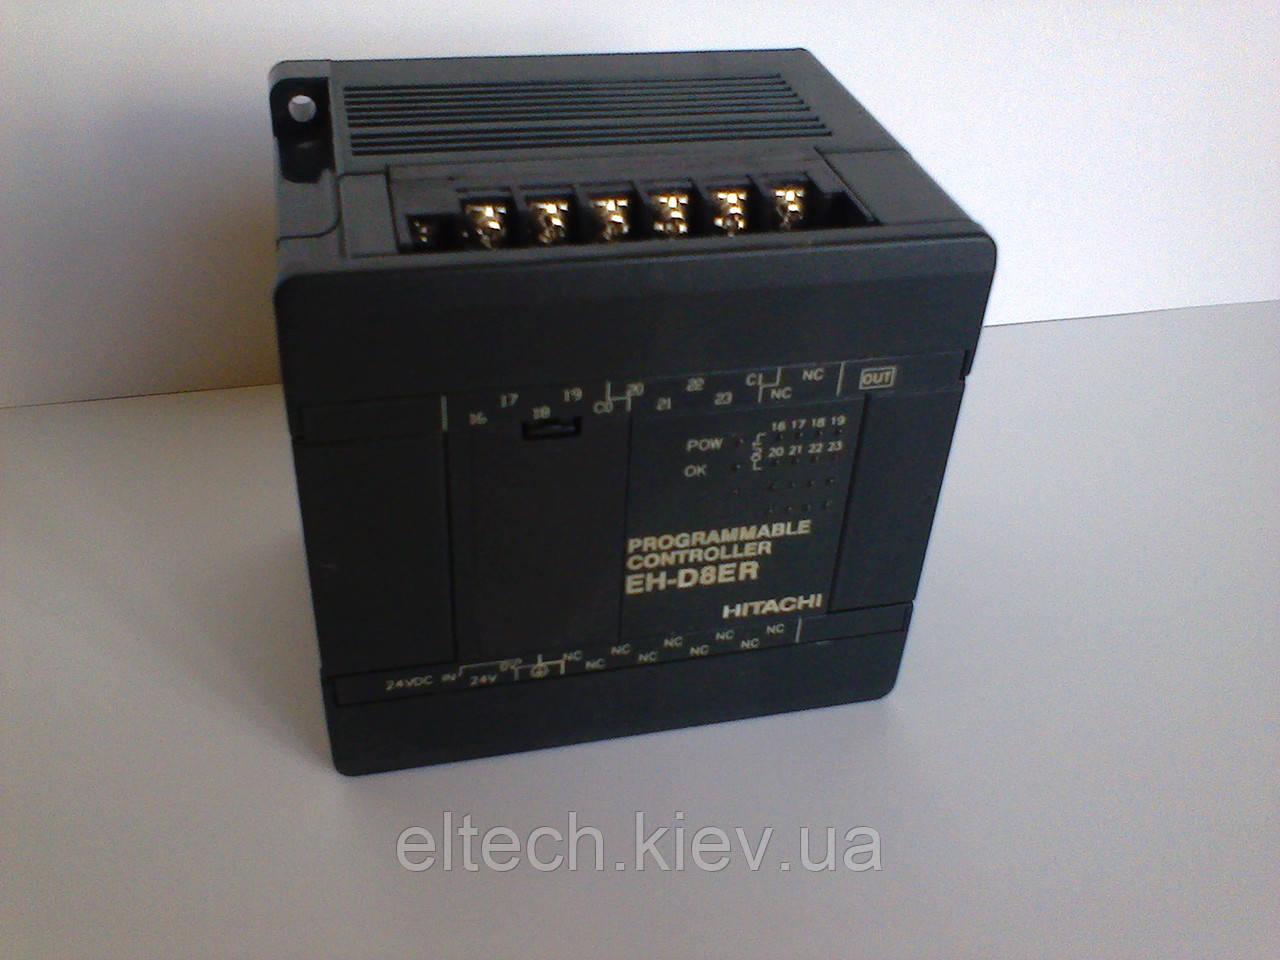 Модуль расширения EH-D8ED к контроллеру Hitachi серии Micro-EH